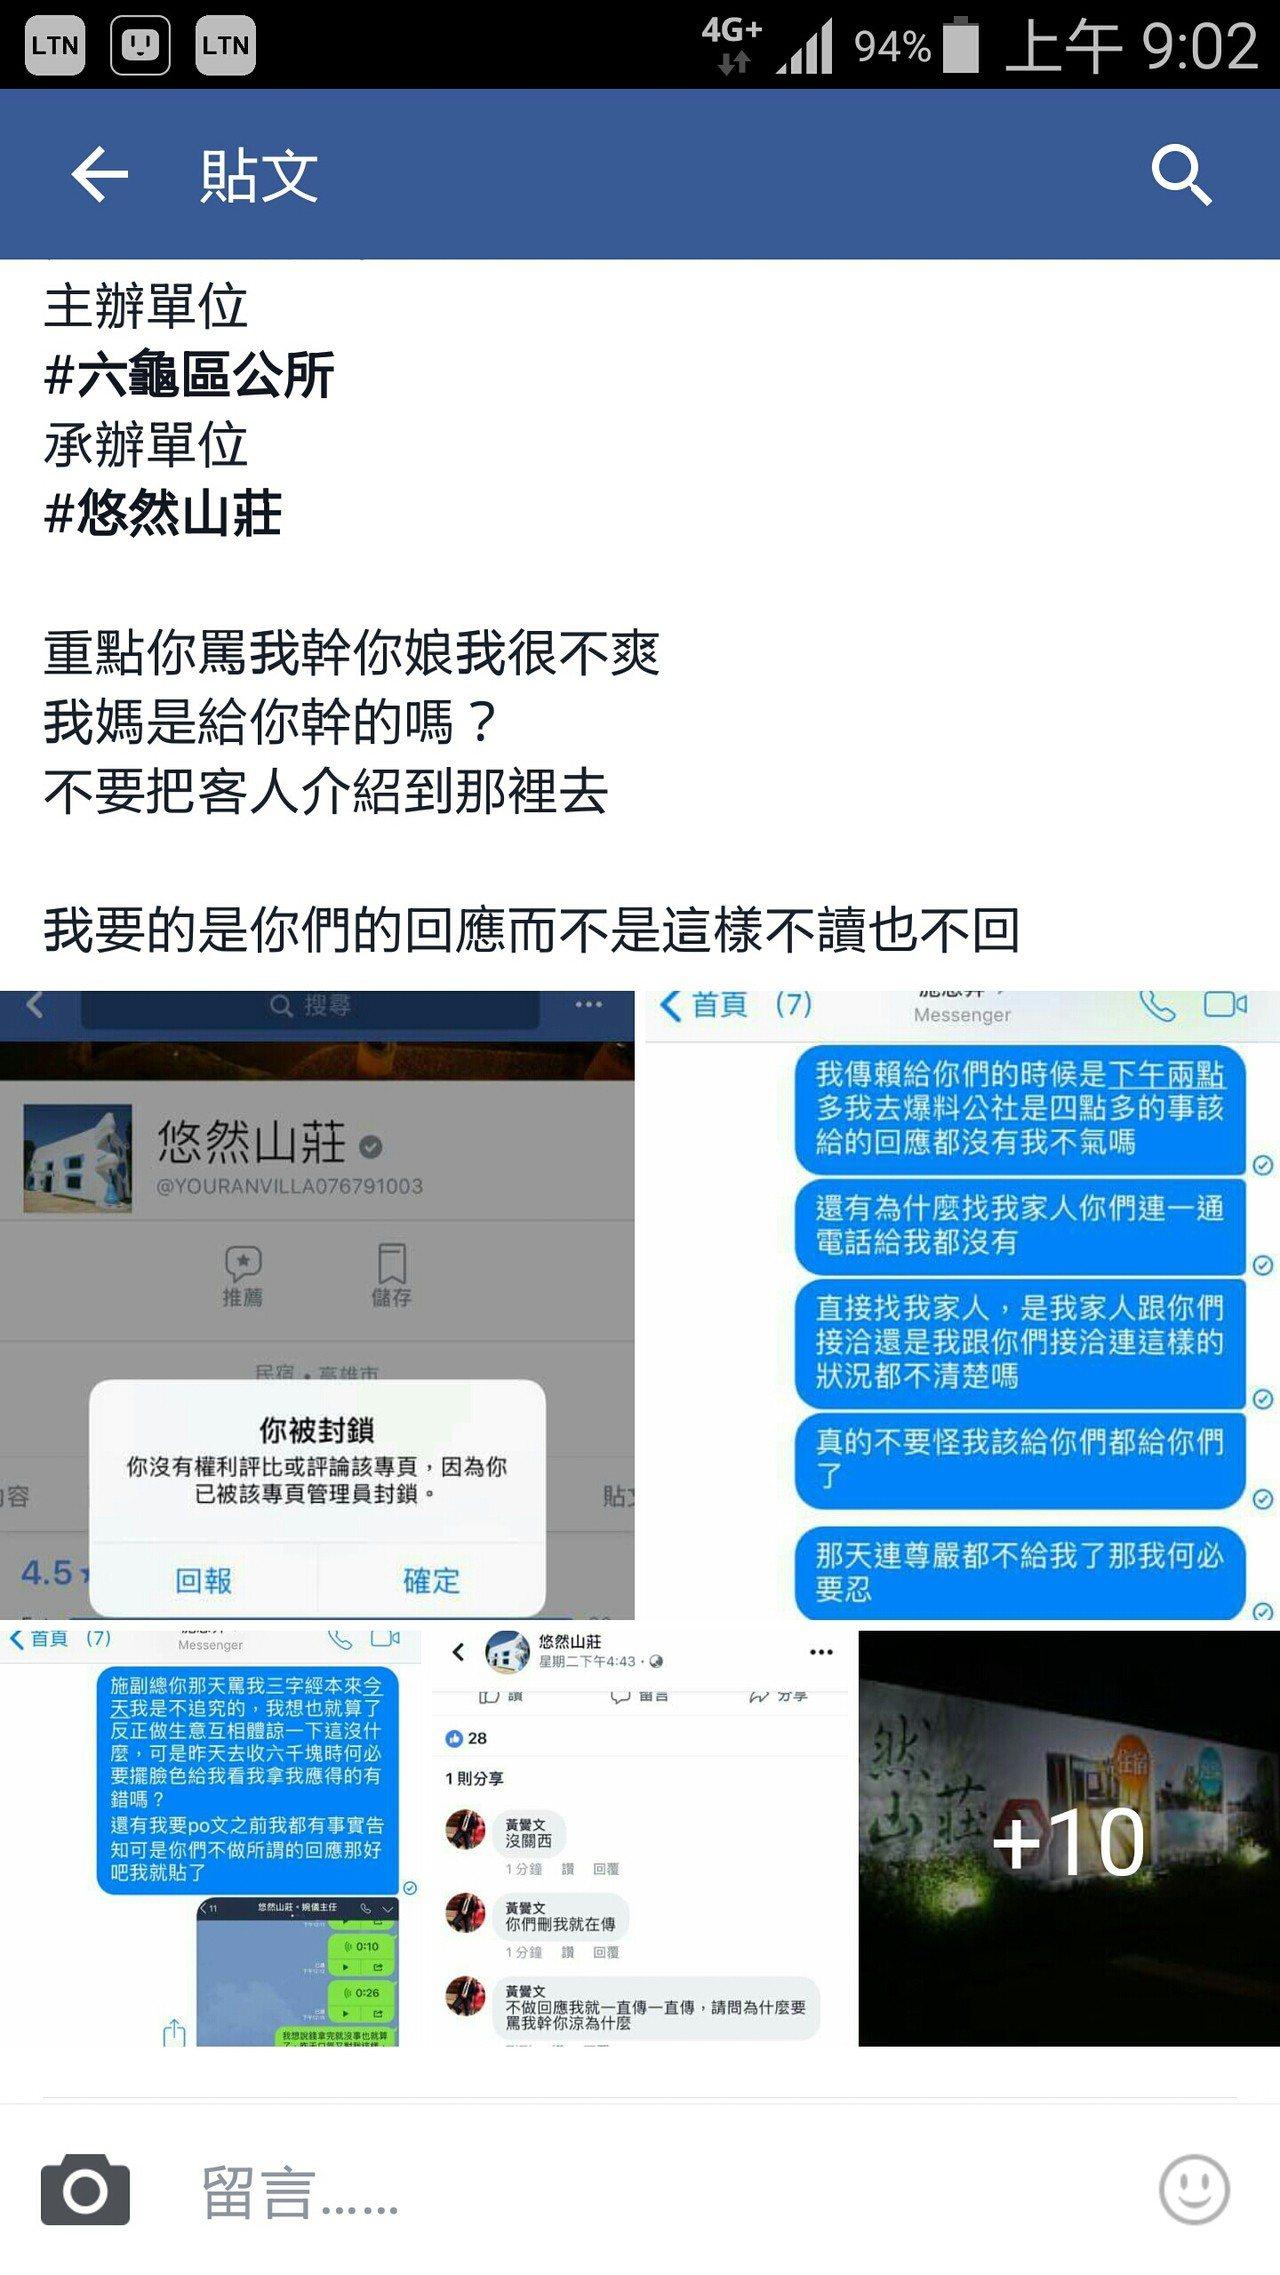 爆料公社PO文引來不少網友聲援。記者徐白櫻/翻攝